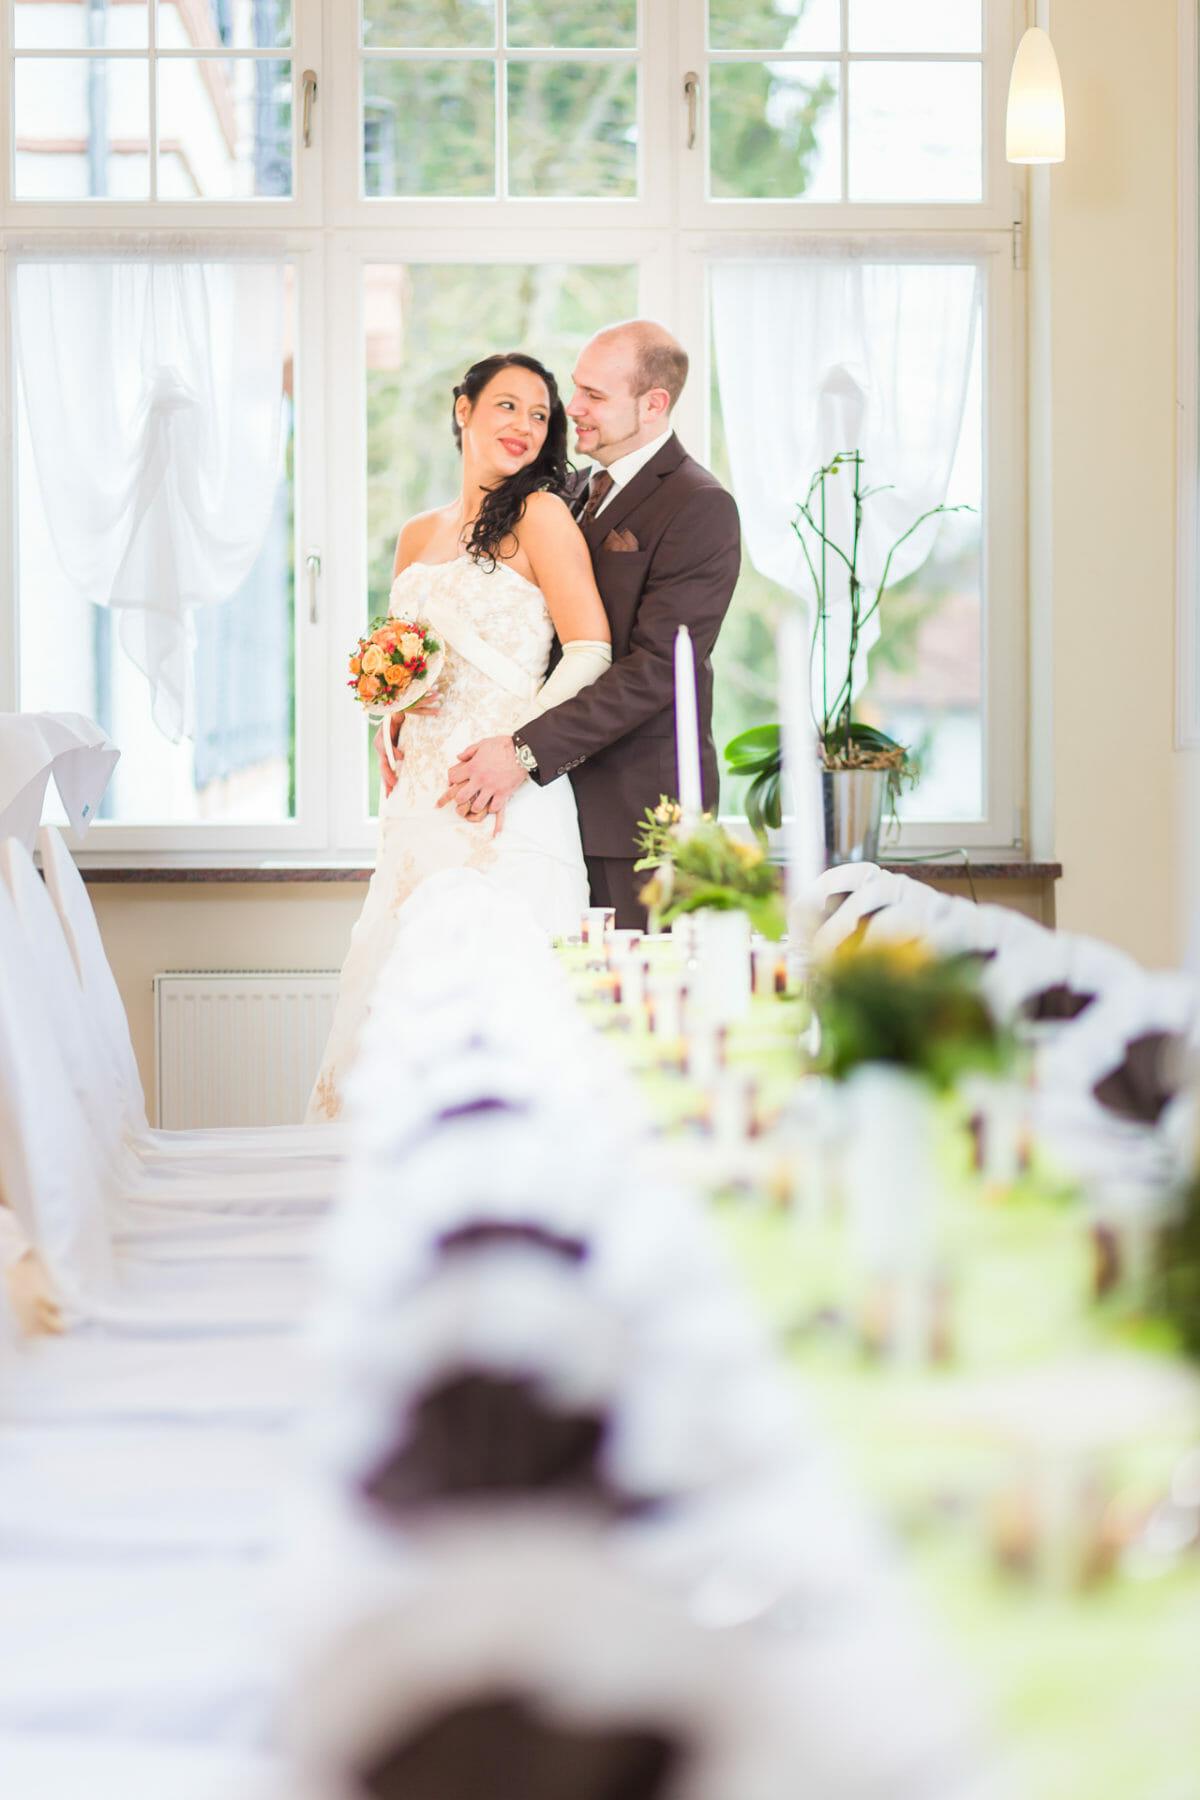 Euer Hochzeitsfotograf 3